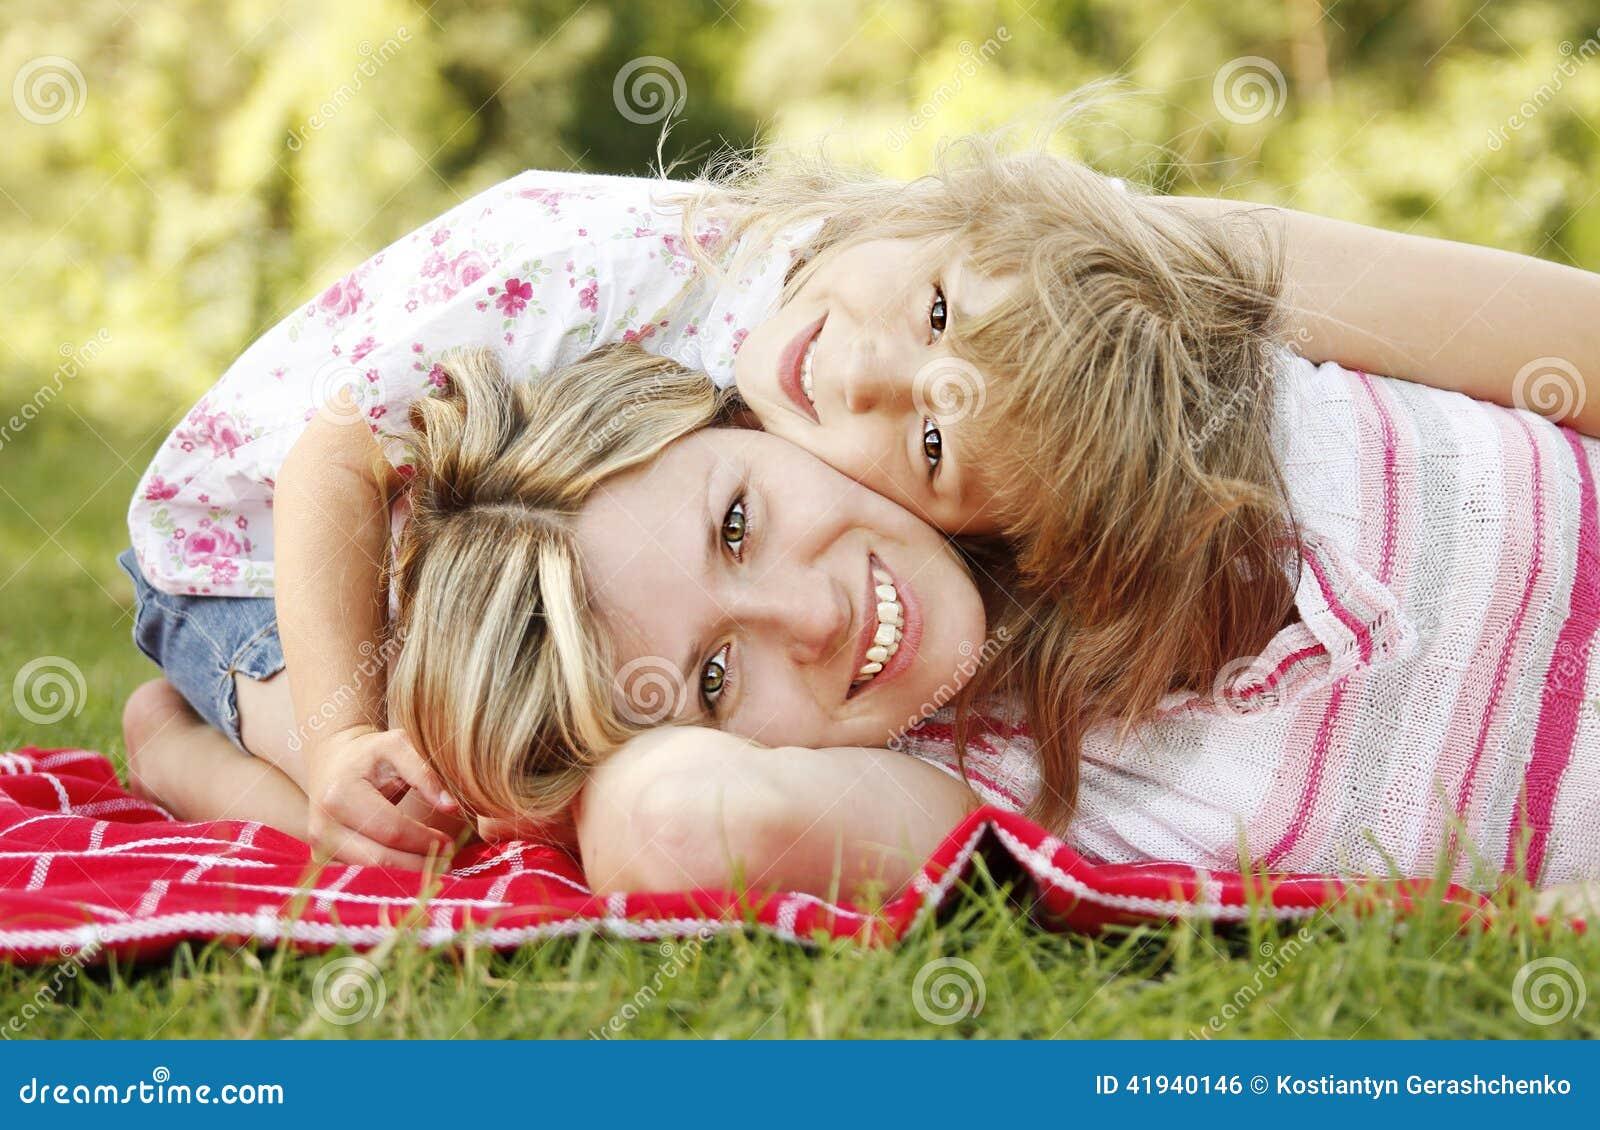 Mutter und ihre kleine Tochter liegen auf dem Gras